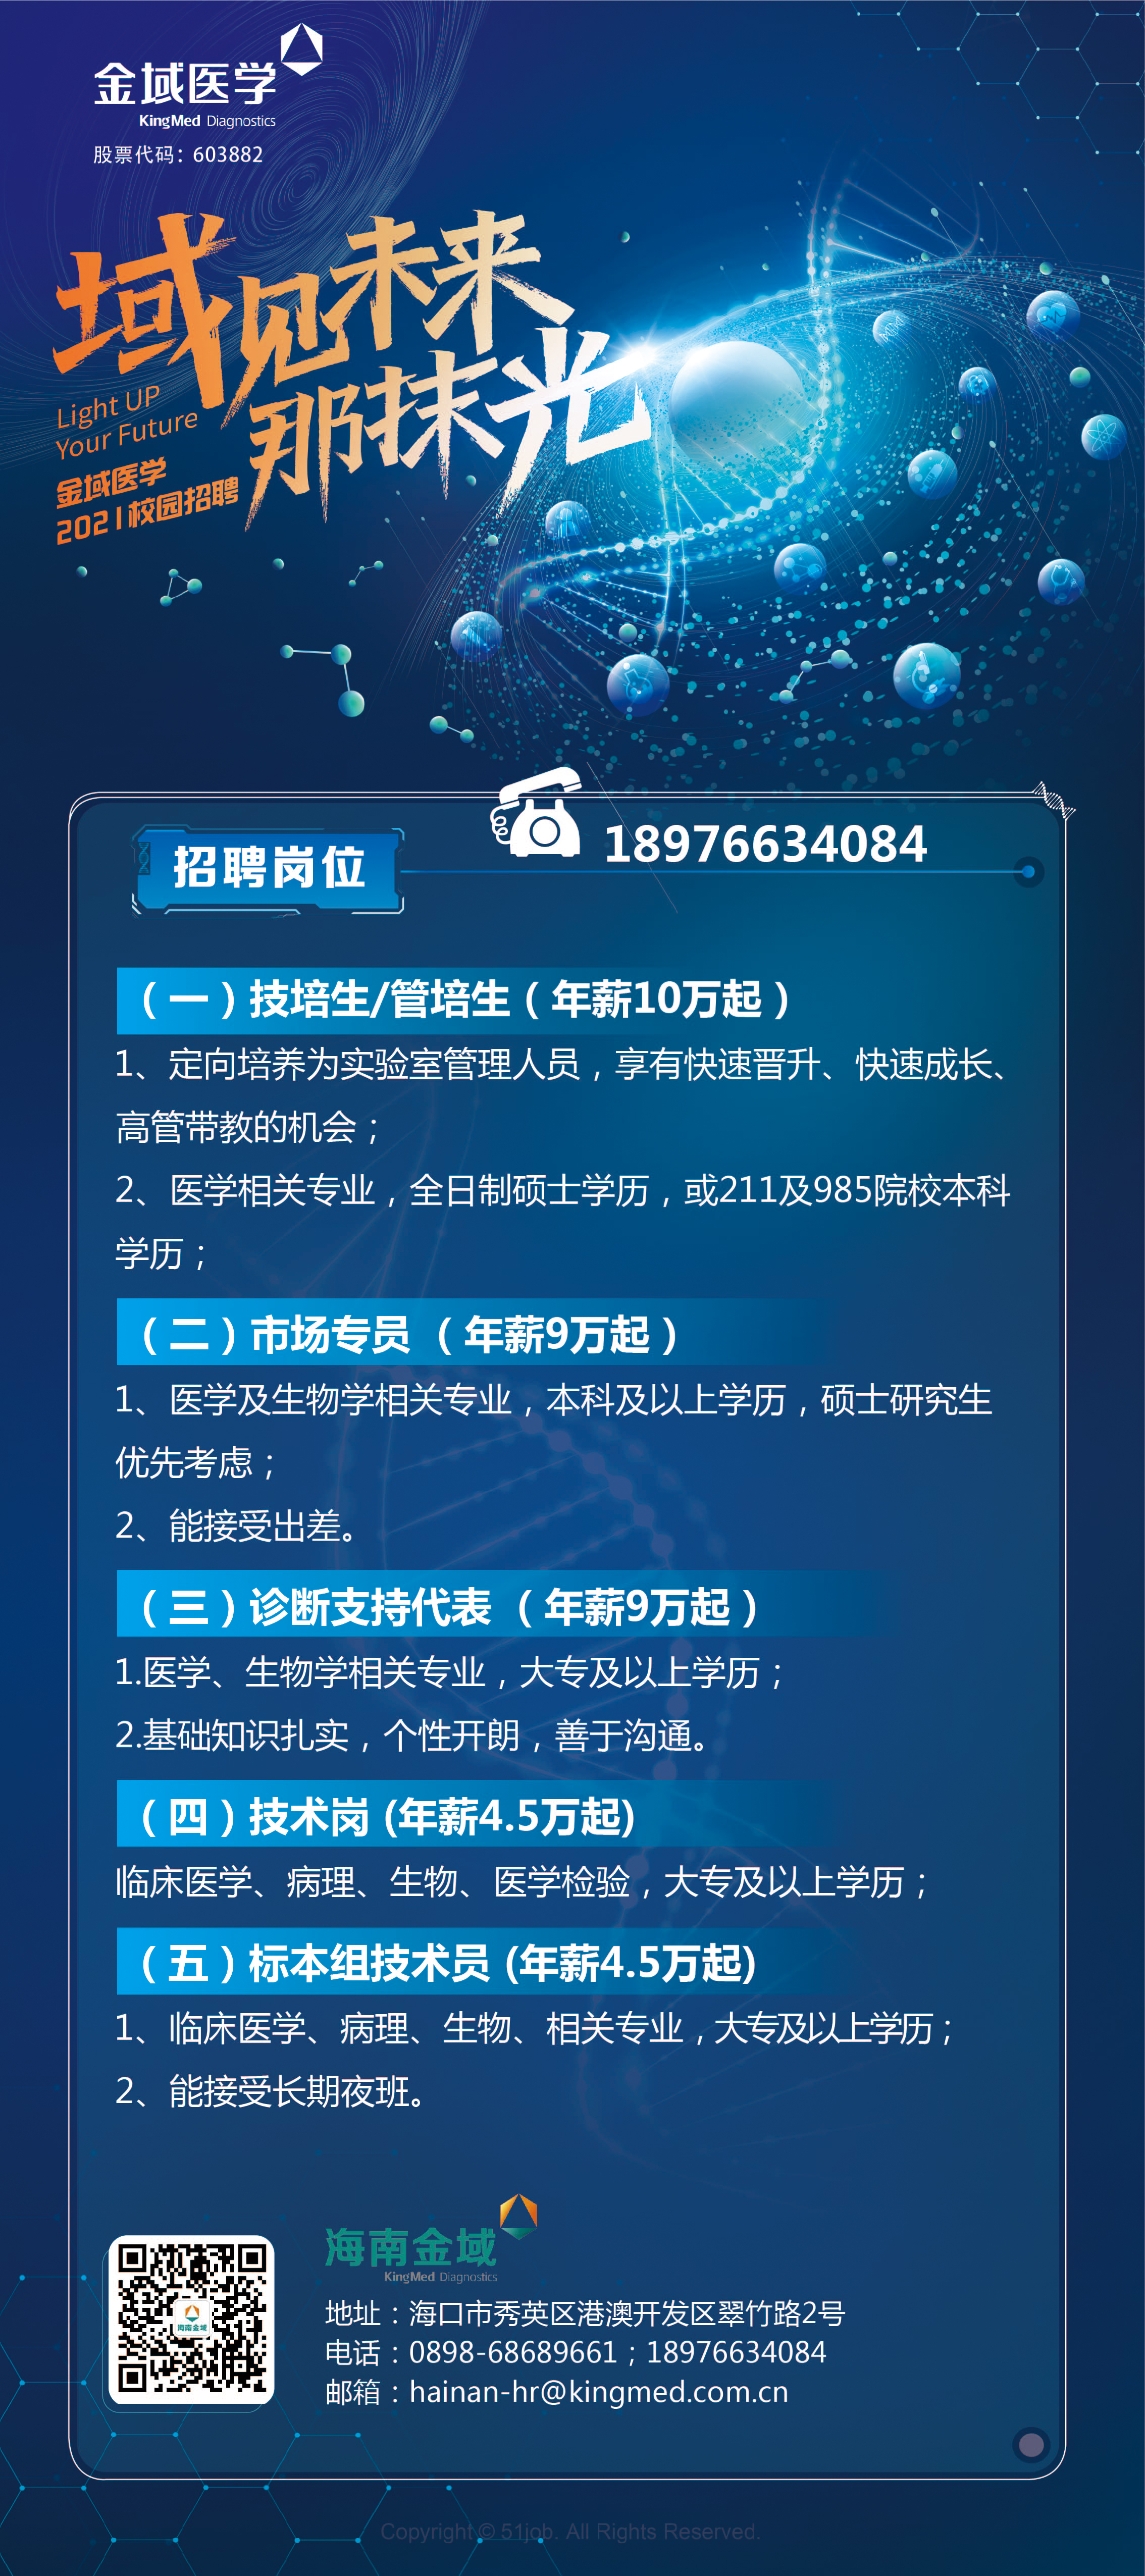 海南金域医学检验中心有限公司宣讲会